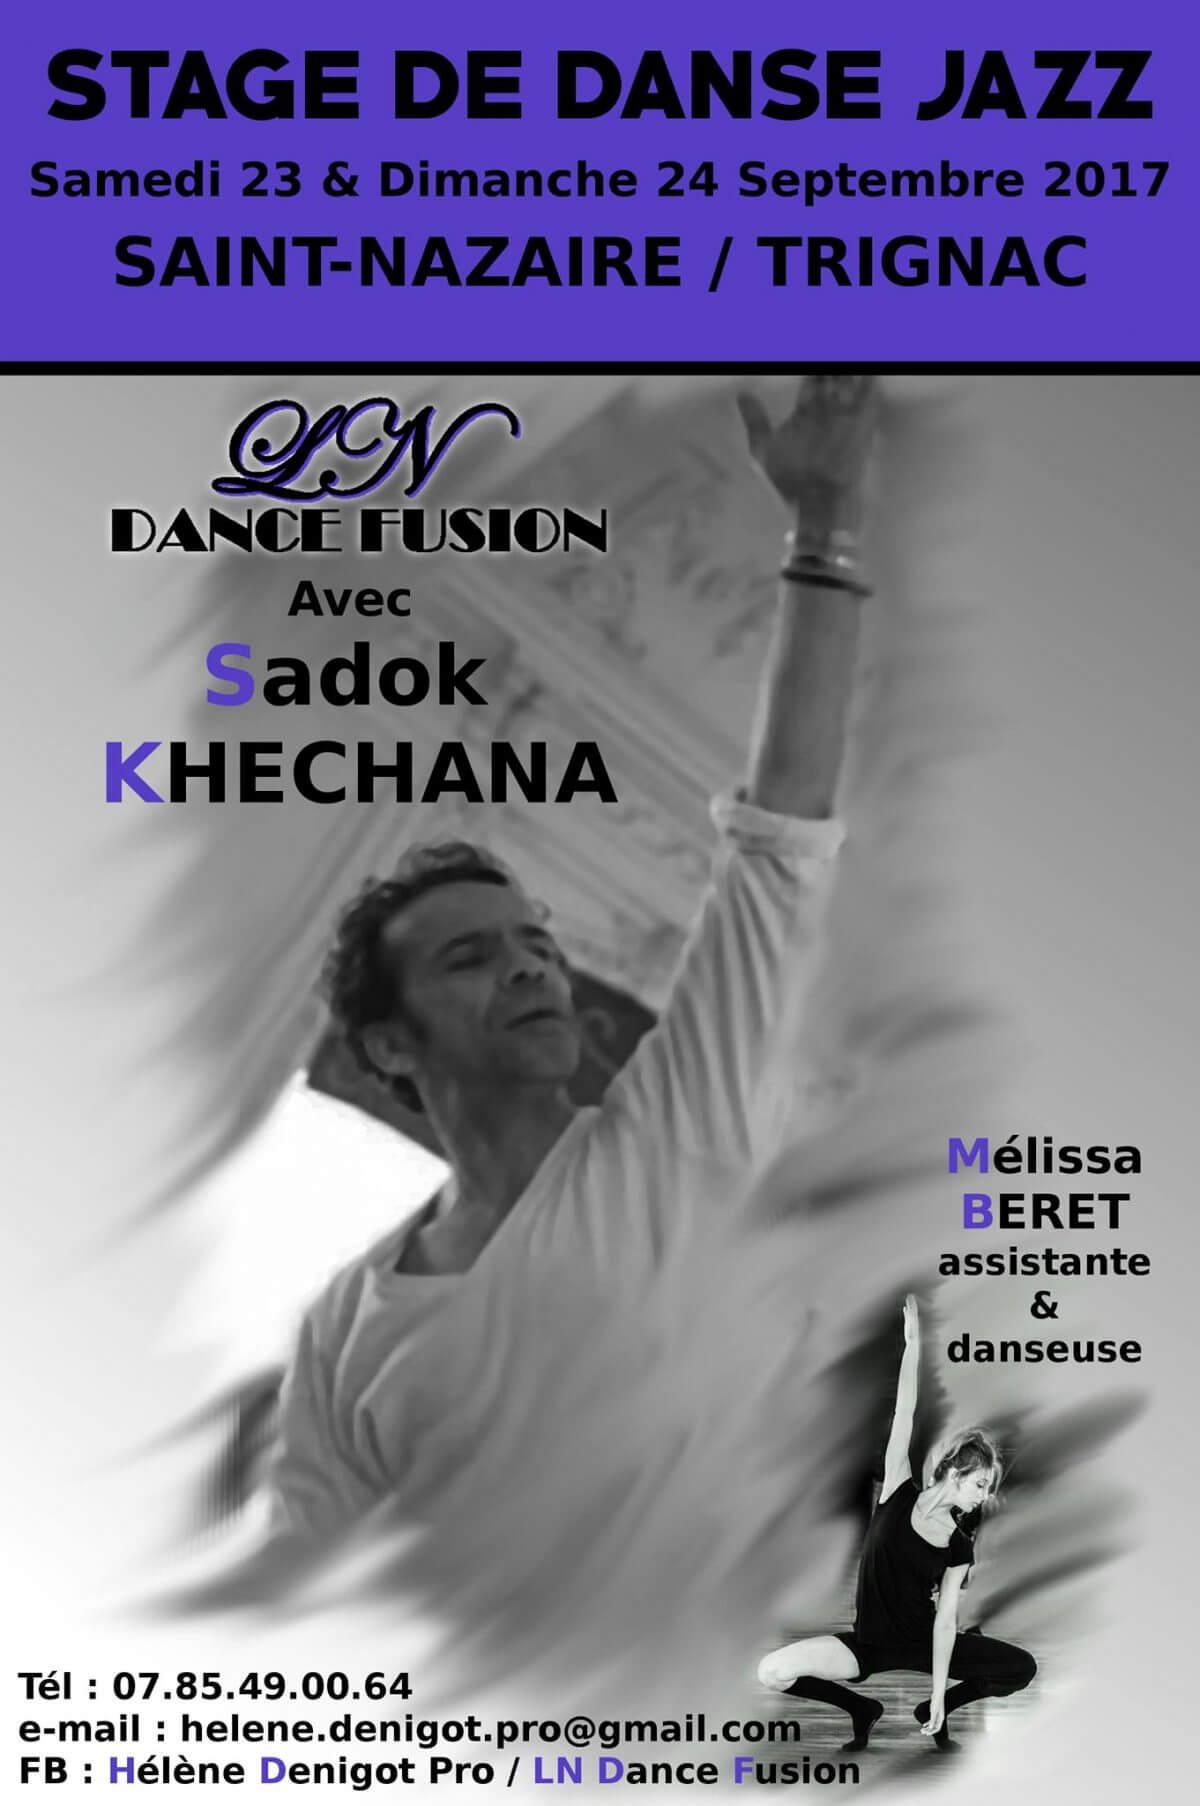 Stage de danse du 23 au 24 Septembre 2017